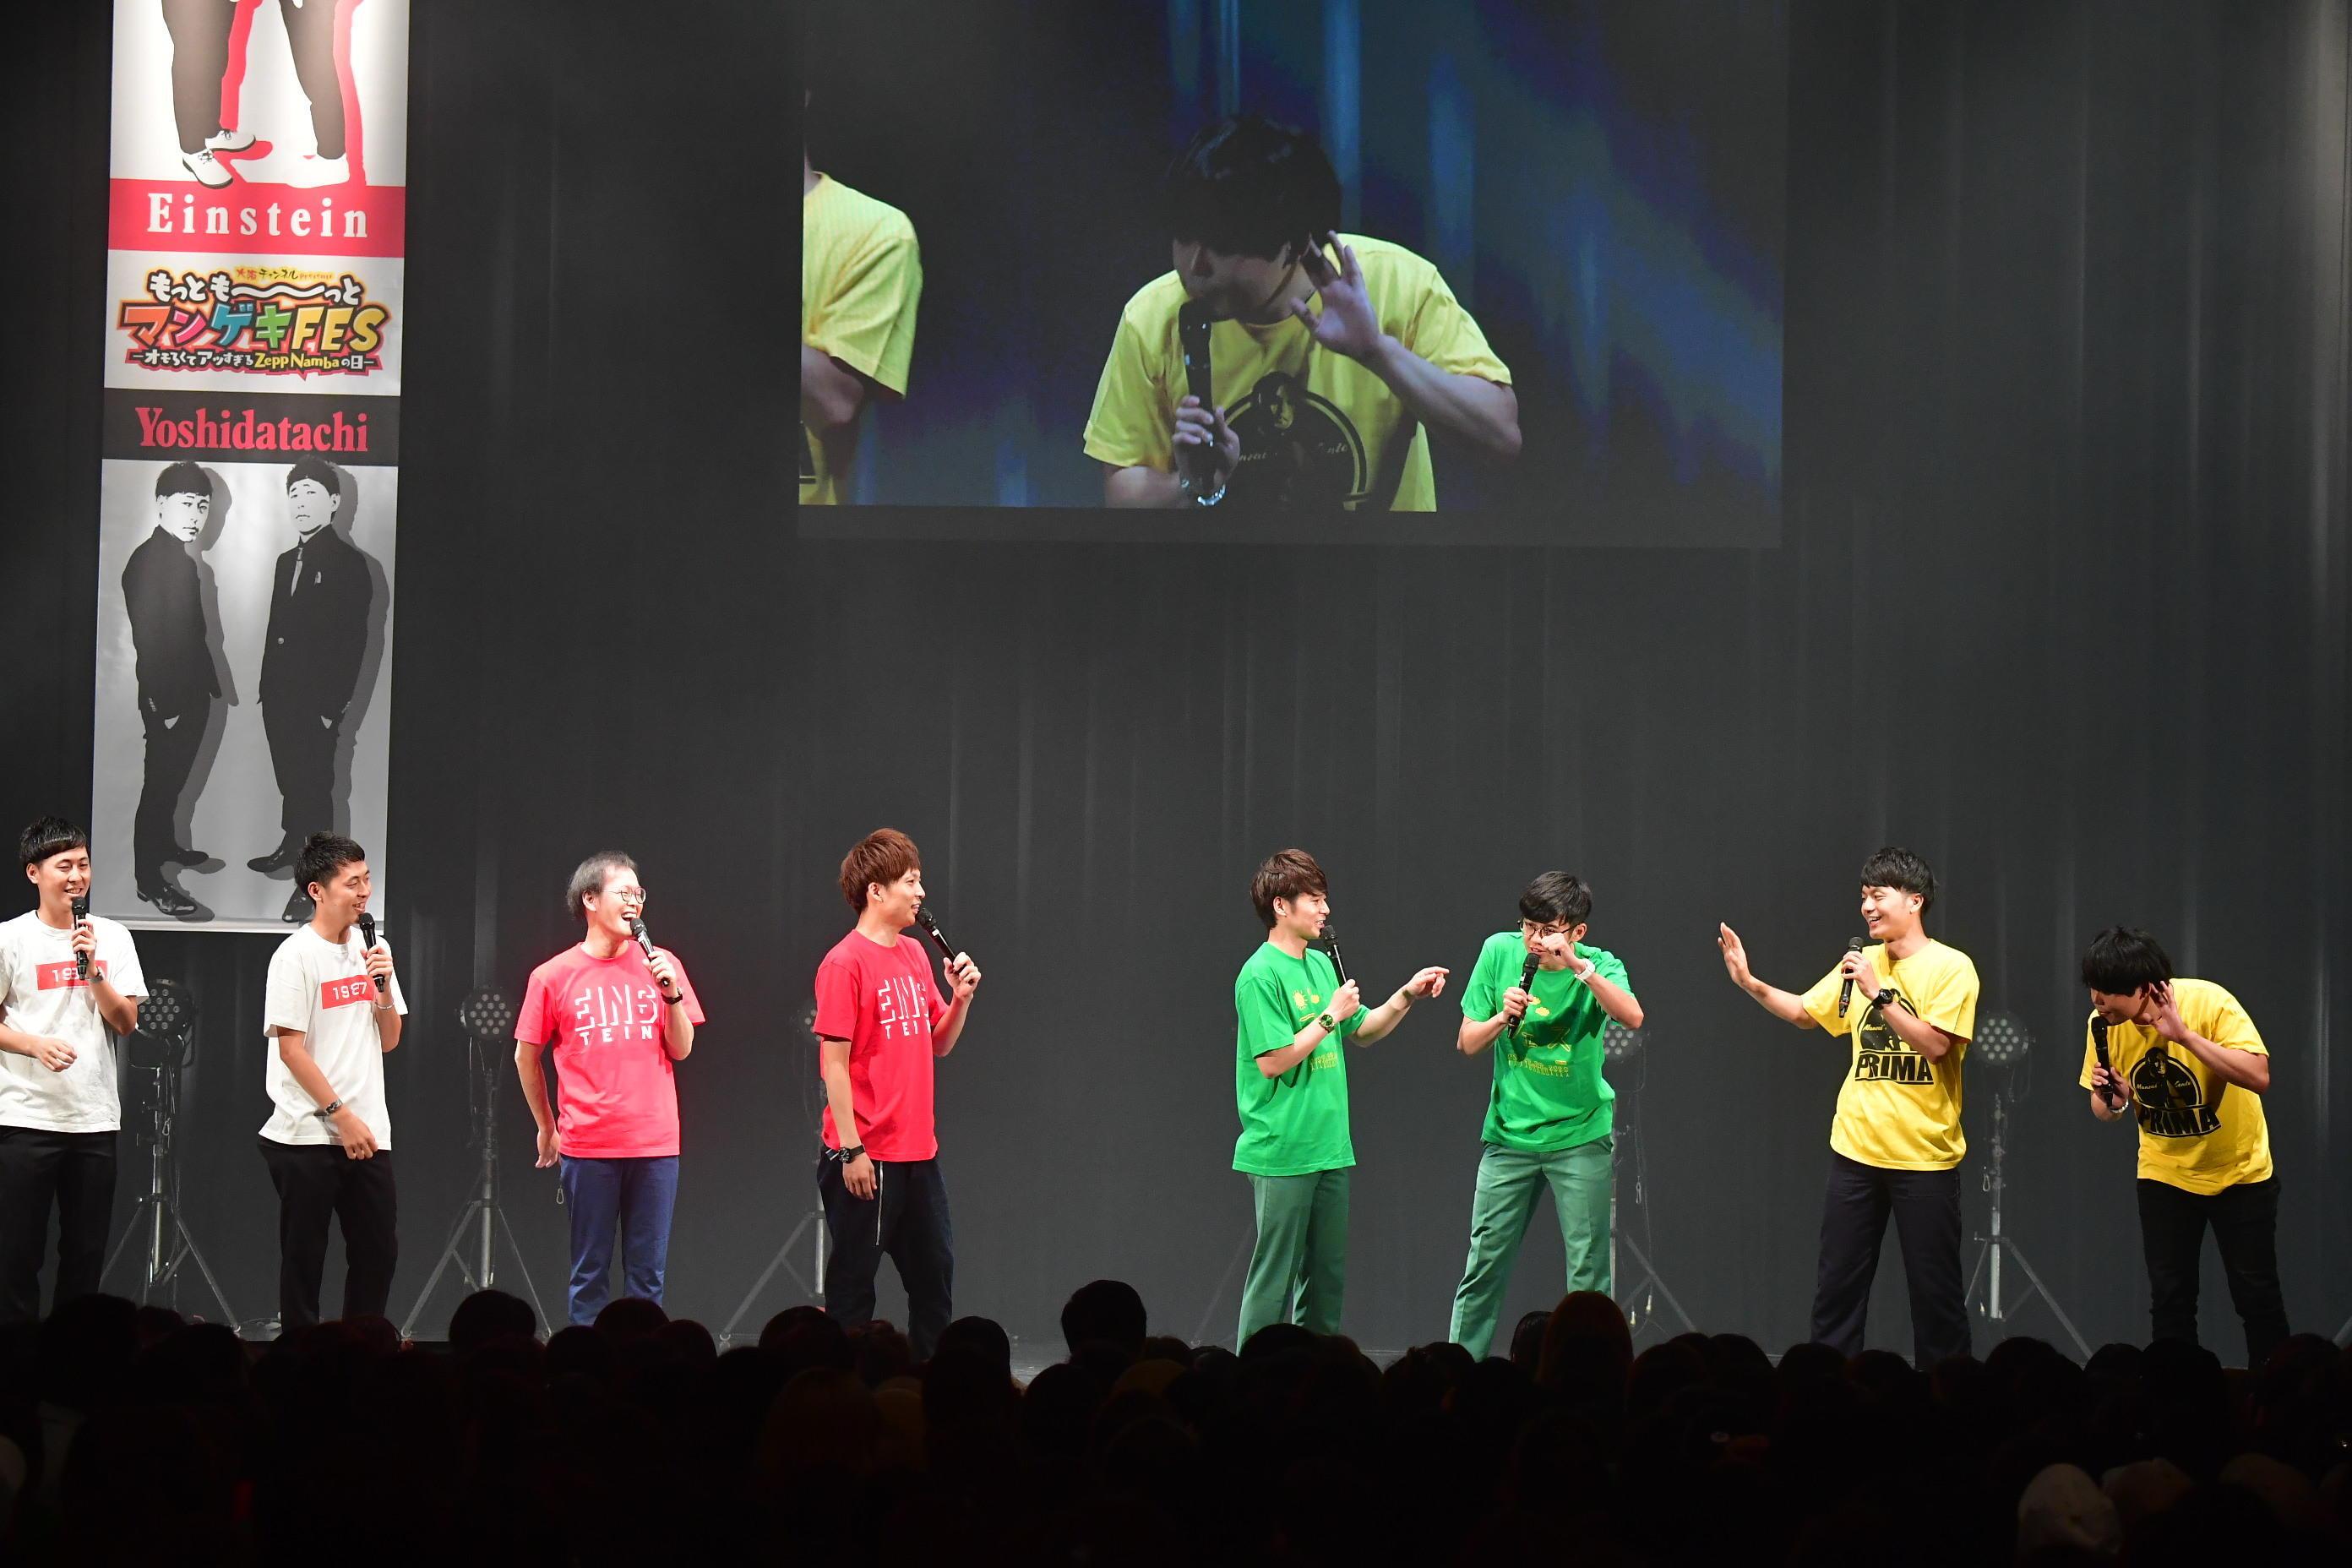 http://news.yoshimoto.co.jp/20180803005722-35c67bcab2ffdbdf4b758836240be252fc70d66c.jpg